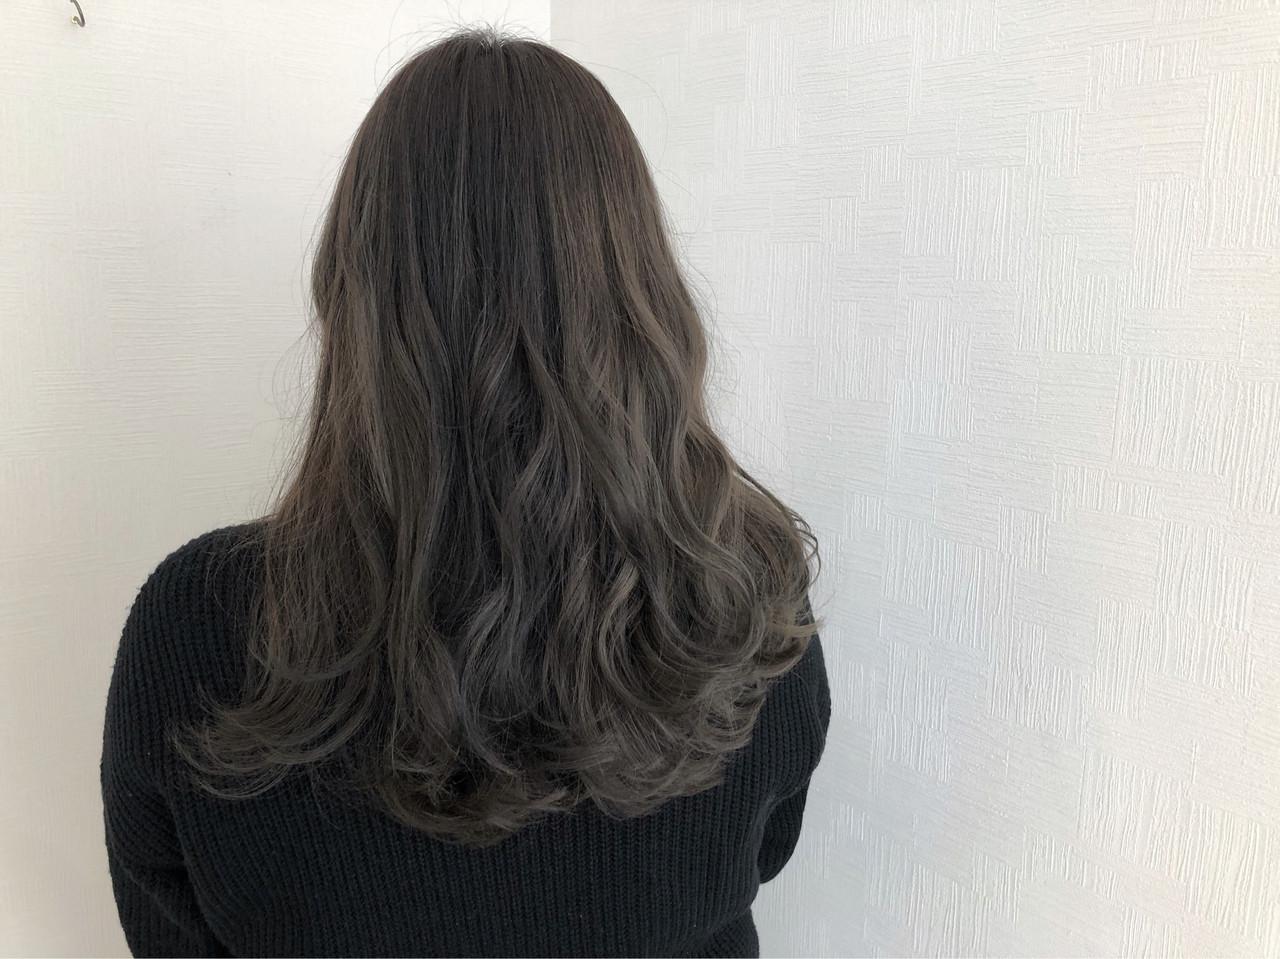 アンニュイほつれヘア ロング スモーキーカラー 簡単ヘアアレンジ ヘアスタイルや髪型の写真・画像 | 牧 優子 / agu HAIR cyan